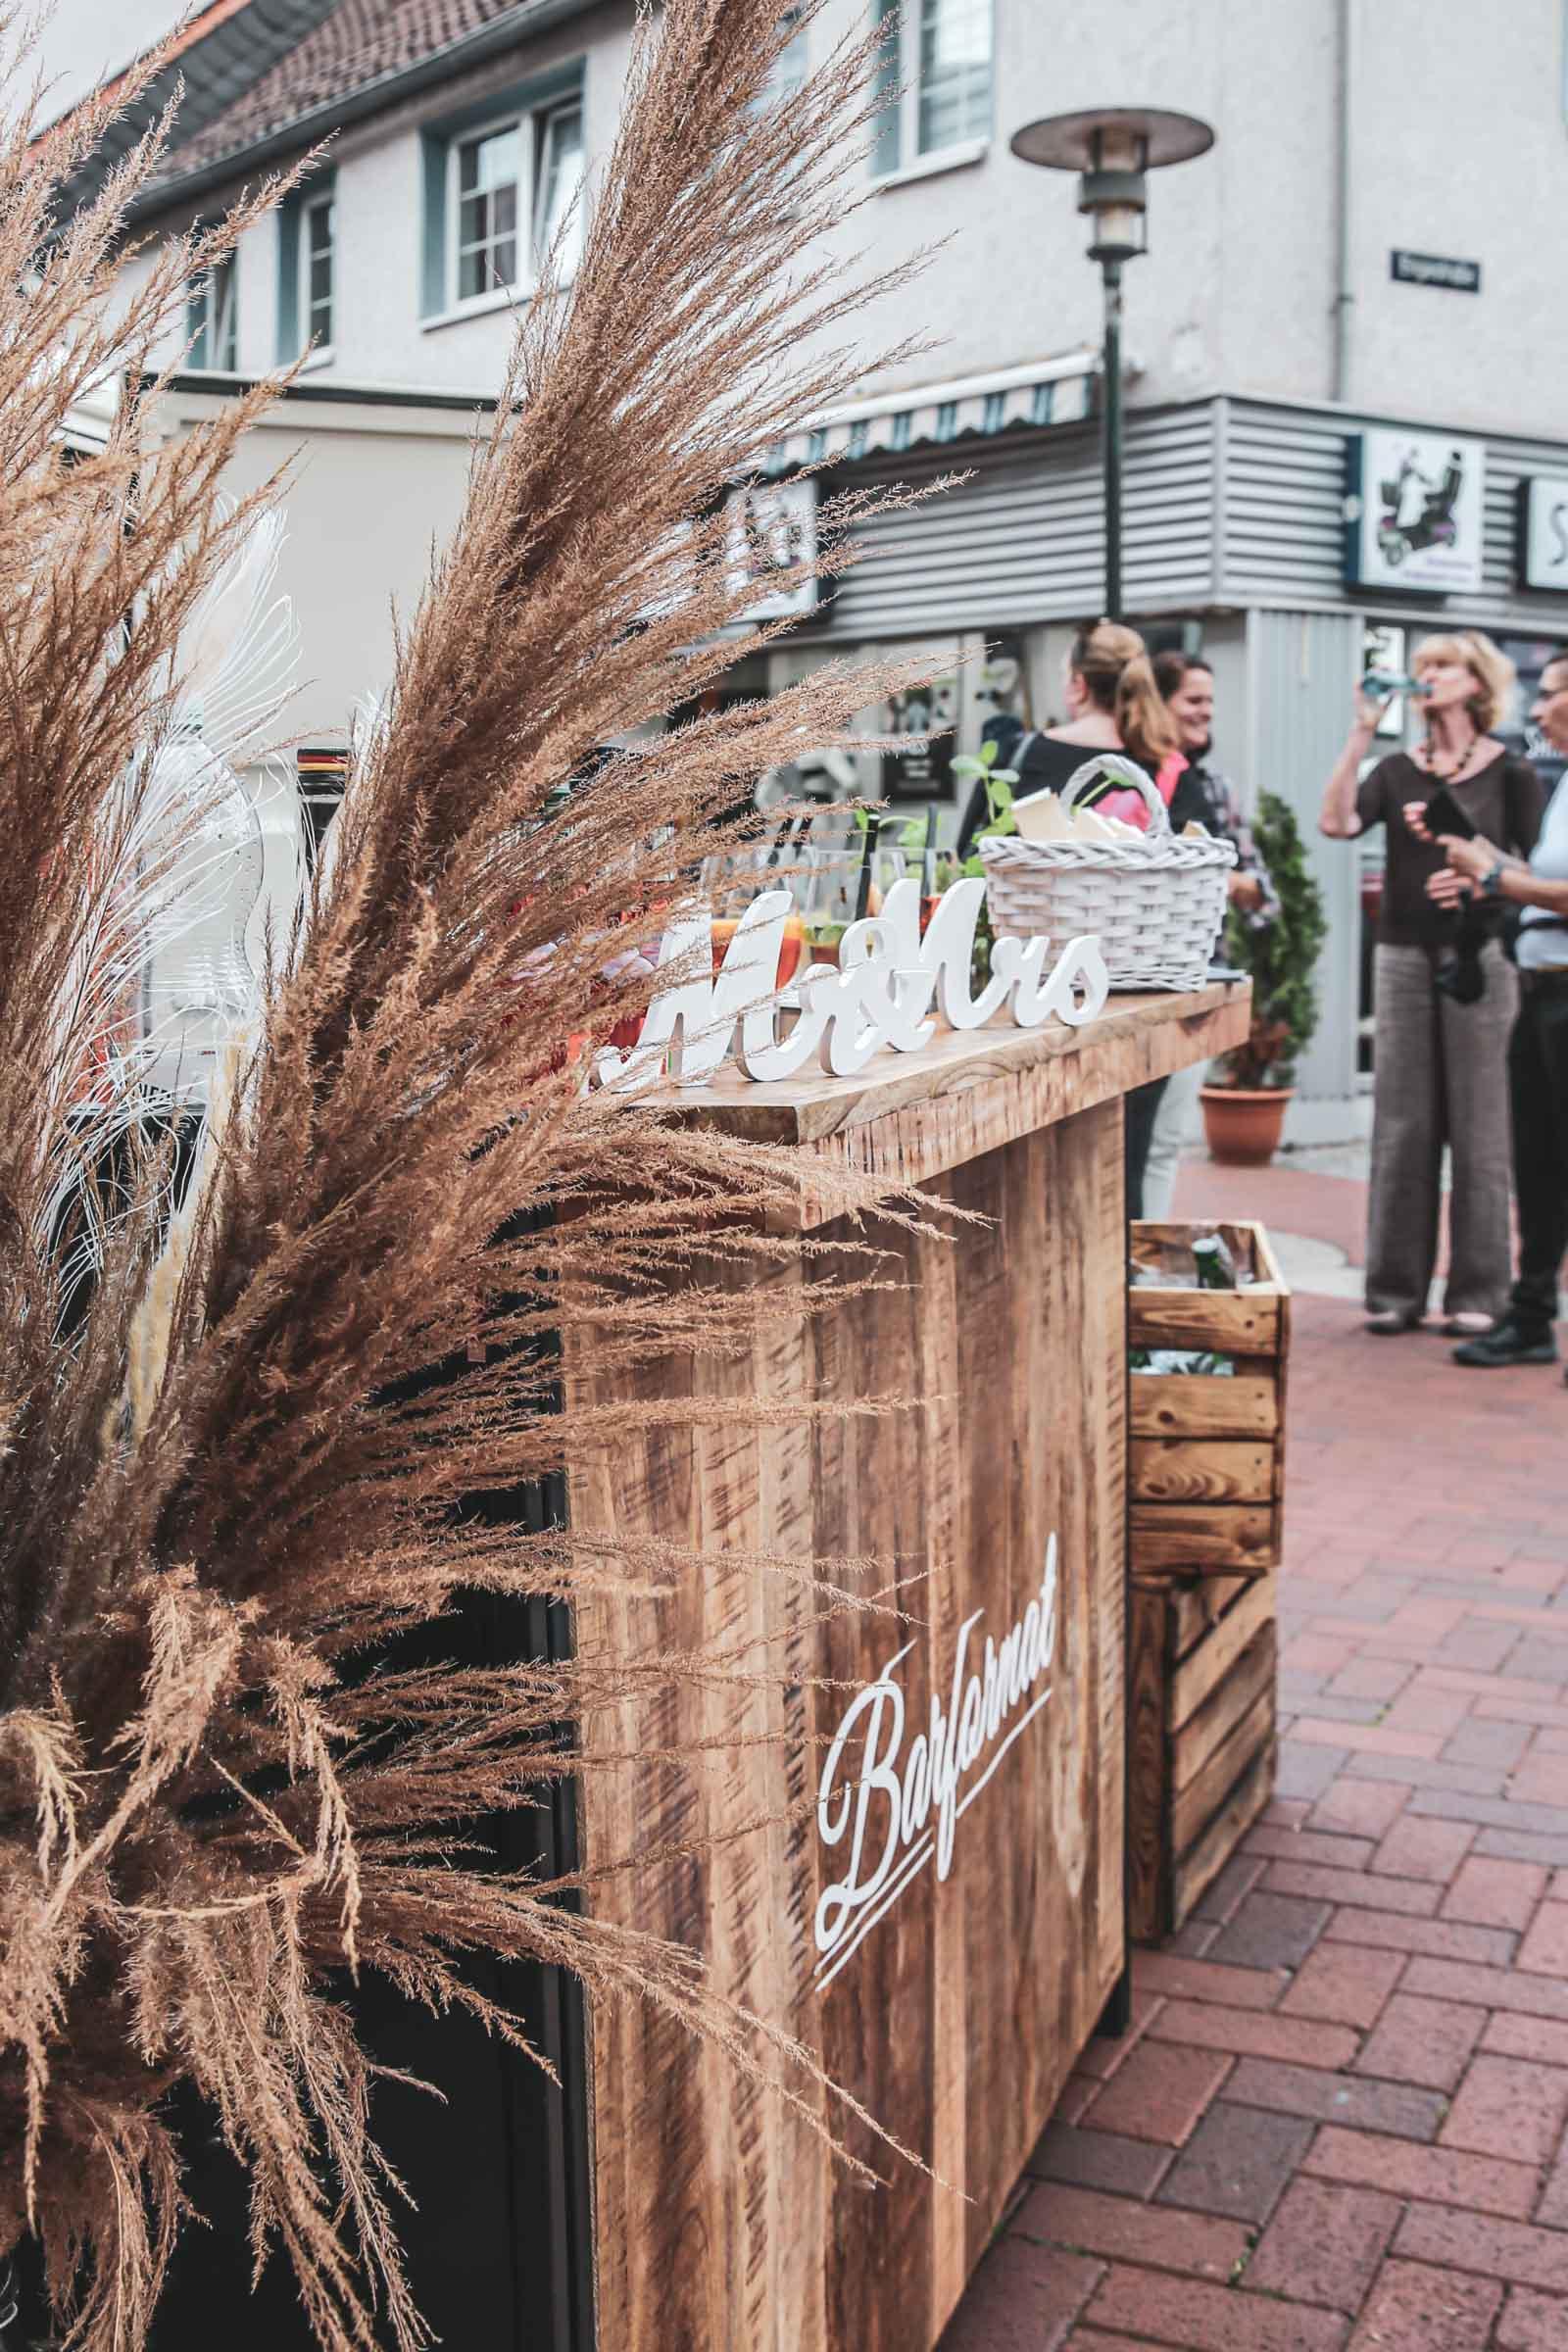 Cocktailservice | Hannover | Mobile | Bar | Bulli | VW | Barformat | Hochzeit | Barkeeper | Getränke | Theke | Catering | Ginbar | Weinbar | Sektbar | Buchen | Mieten | Anfragen